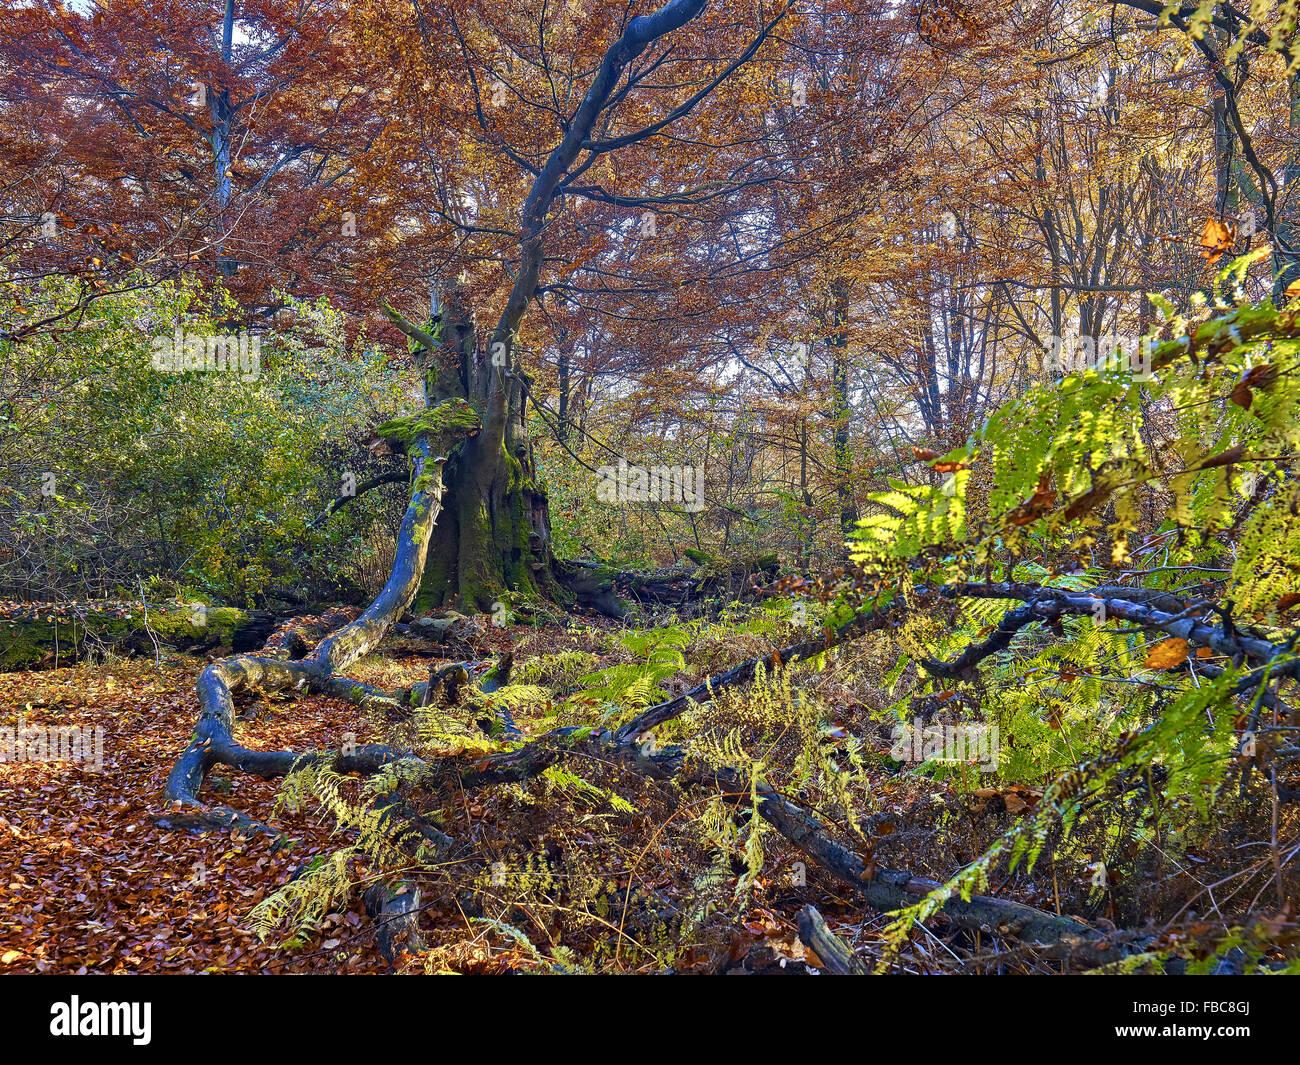 La forêt de la réserve naturelle de Sababurg, Hesse, Allemagne Photo Stock